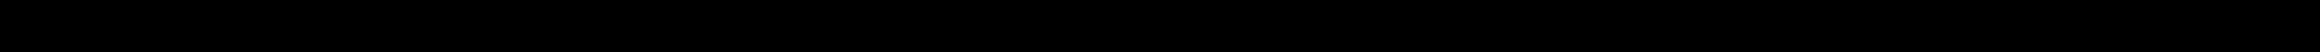 UFI 26300-35500, 26300-35501, 26300-35502, 26300-35503, 26300-35504 Oil Filter